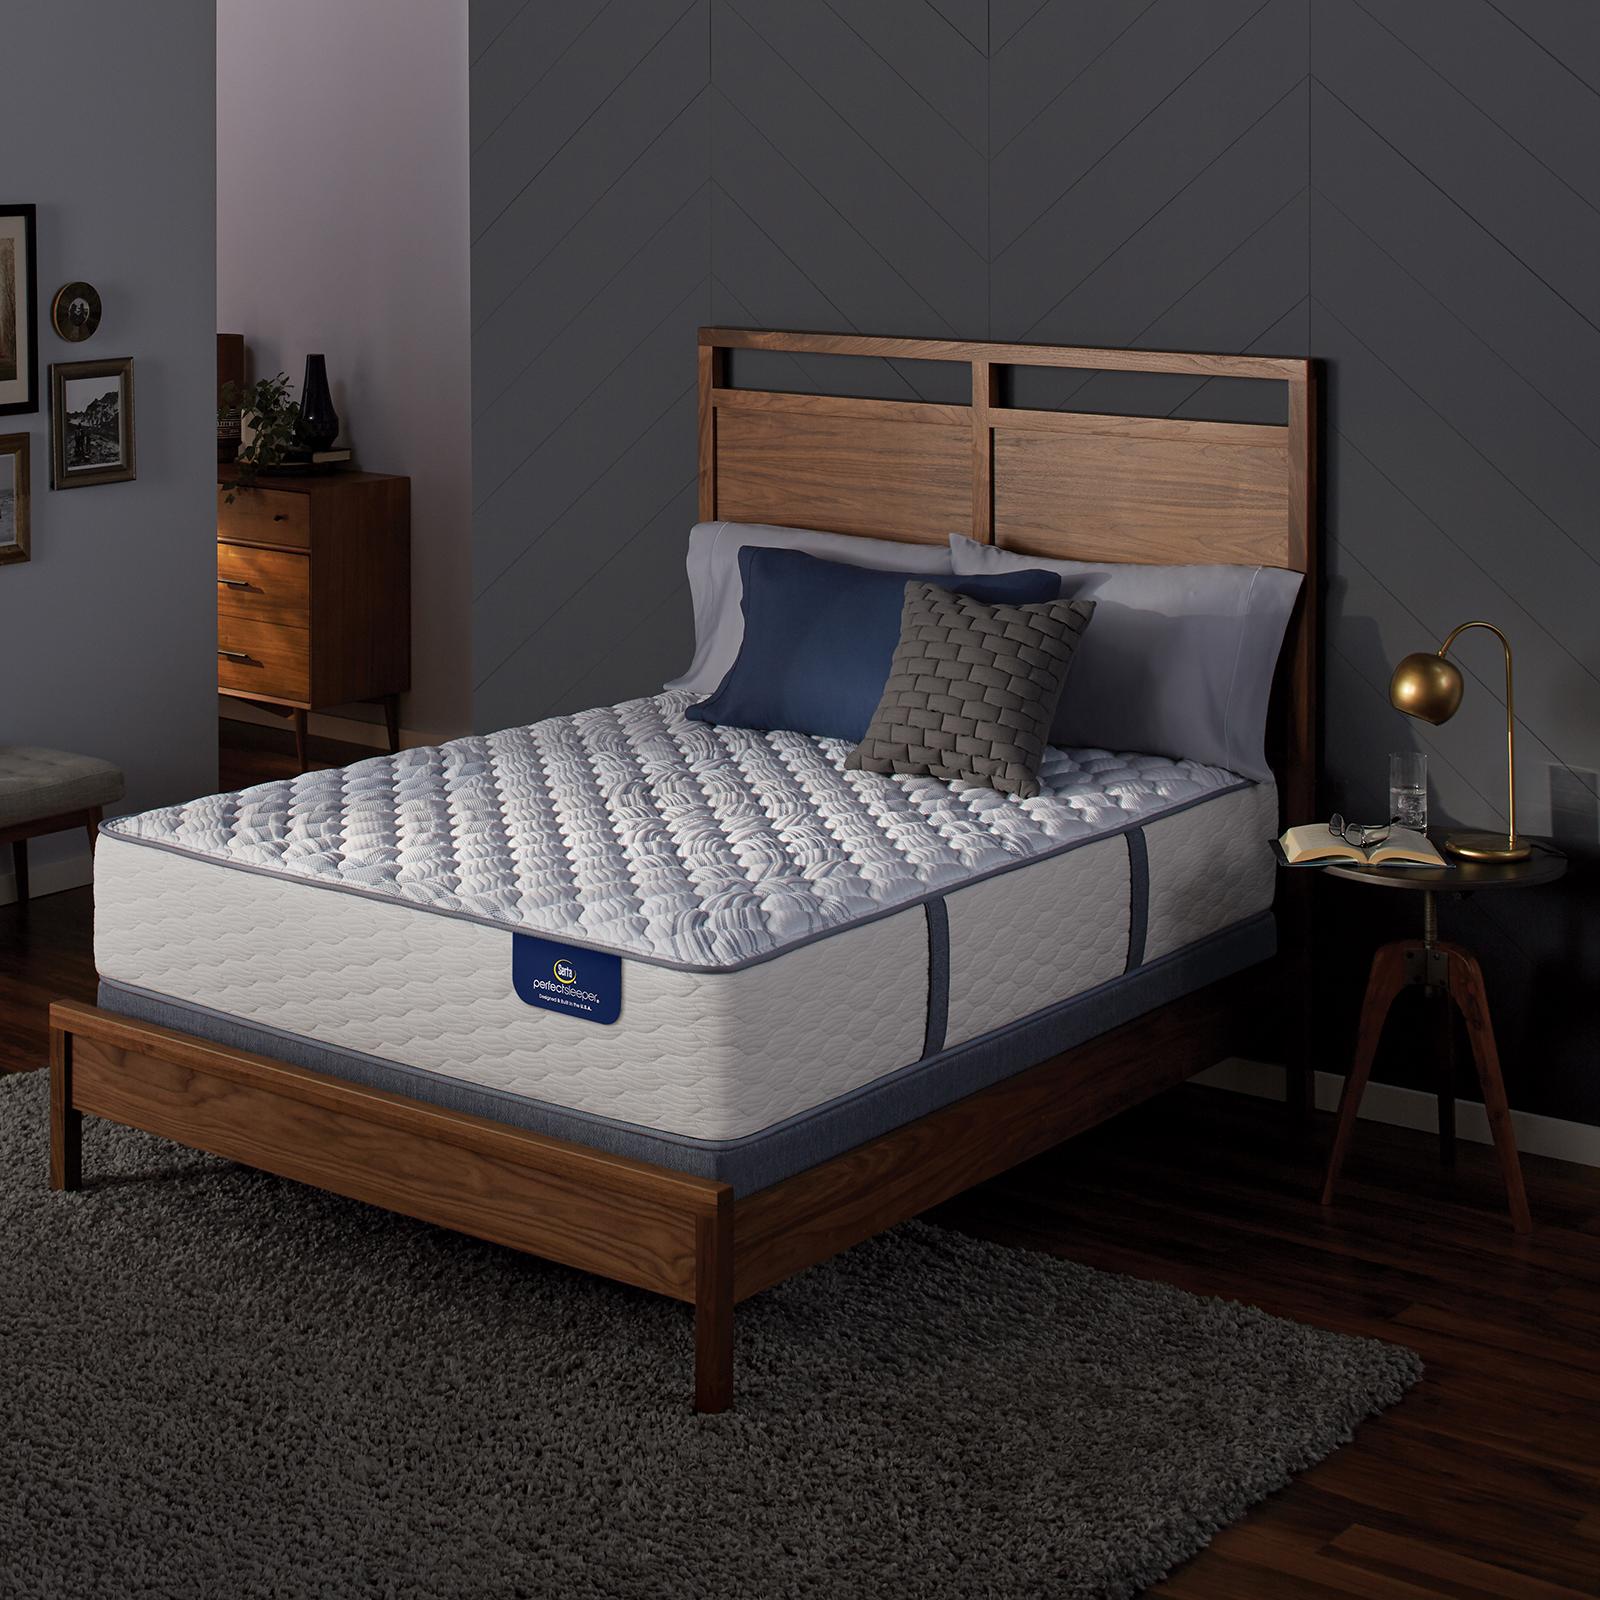 Serta Perfect Sleeper Hanwell Extra Firm Queen Mattress